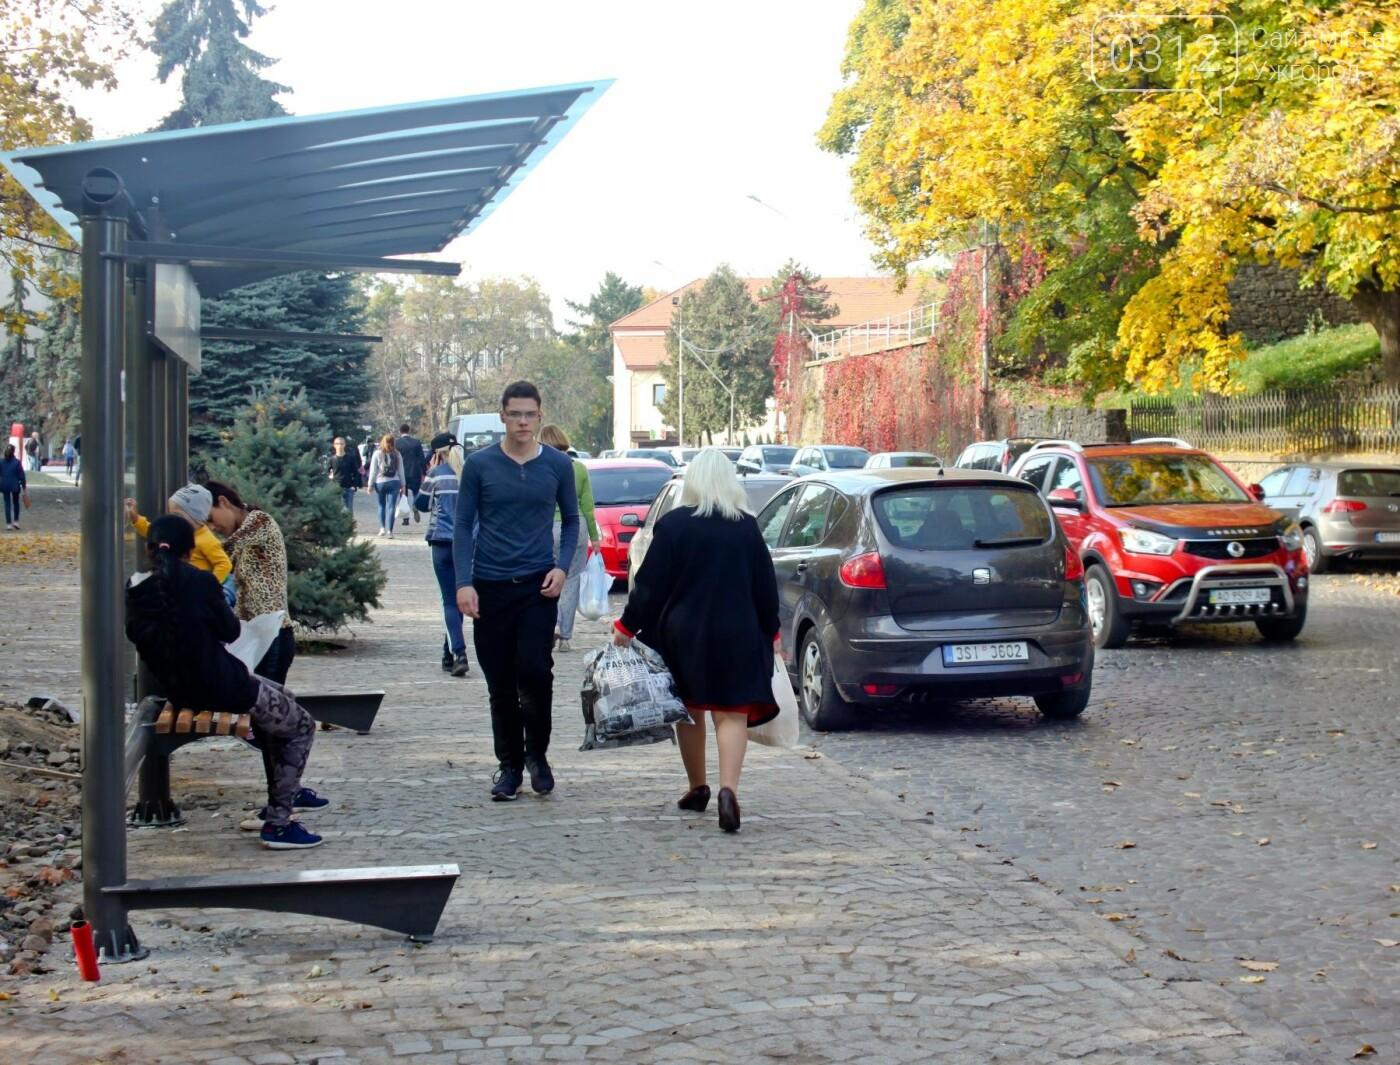 Антивандальне скло та відеоспостереження: чим дивуватимуть нові зупинки в Ужгороді? (ФОТОРЕПОРТАЖ), фото-19